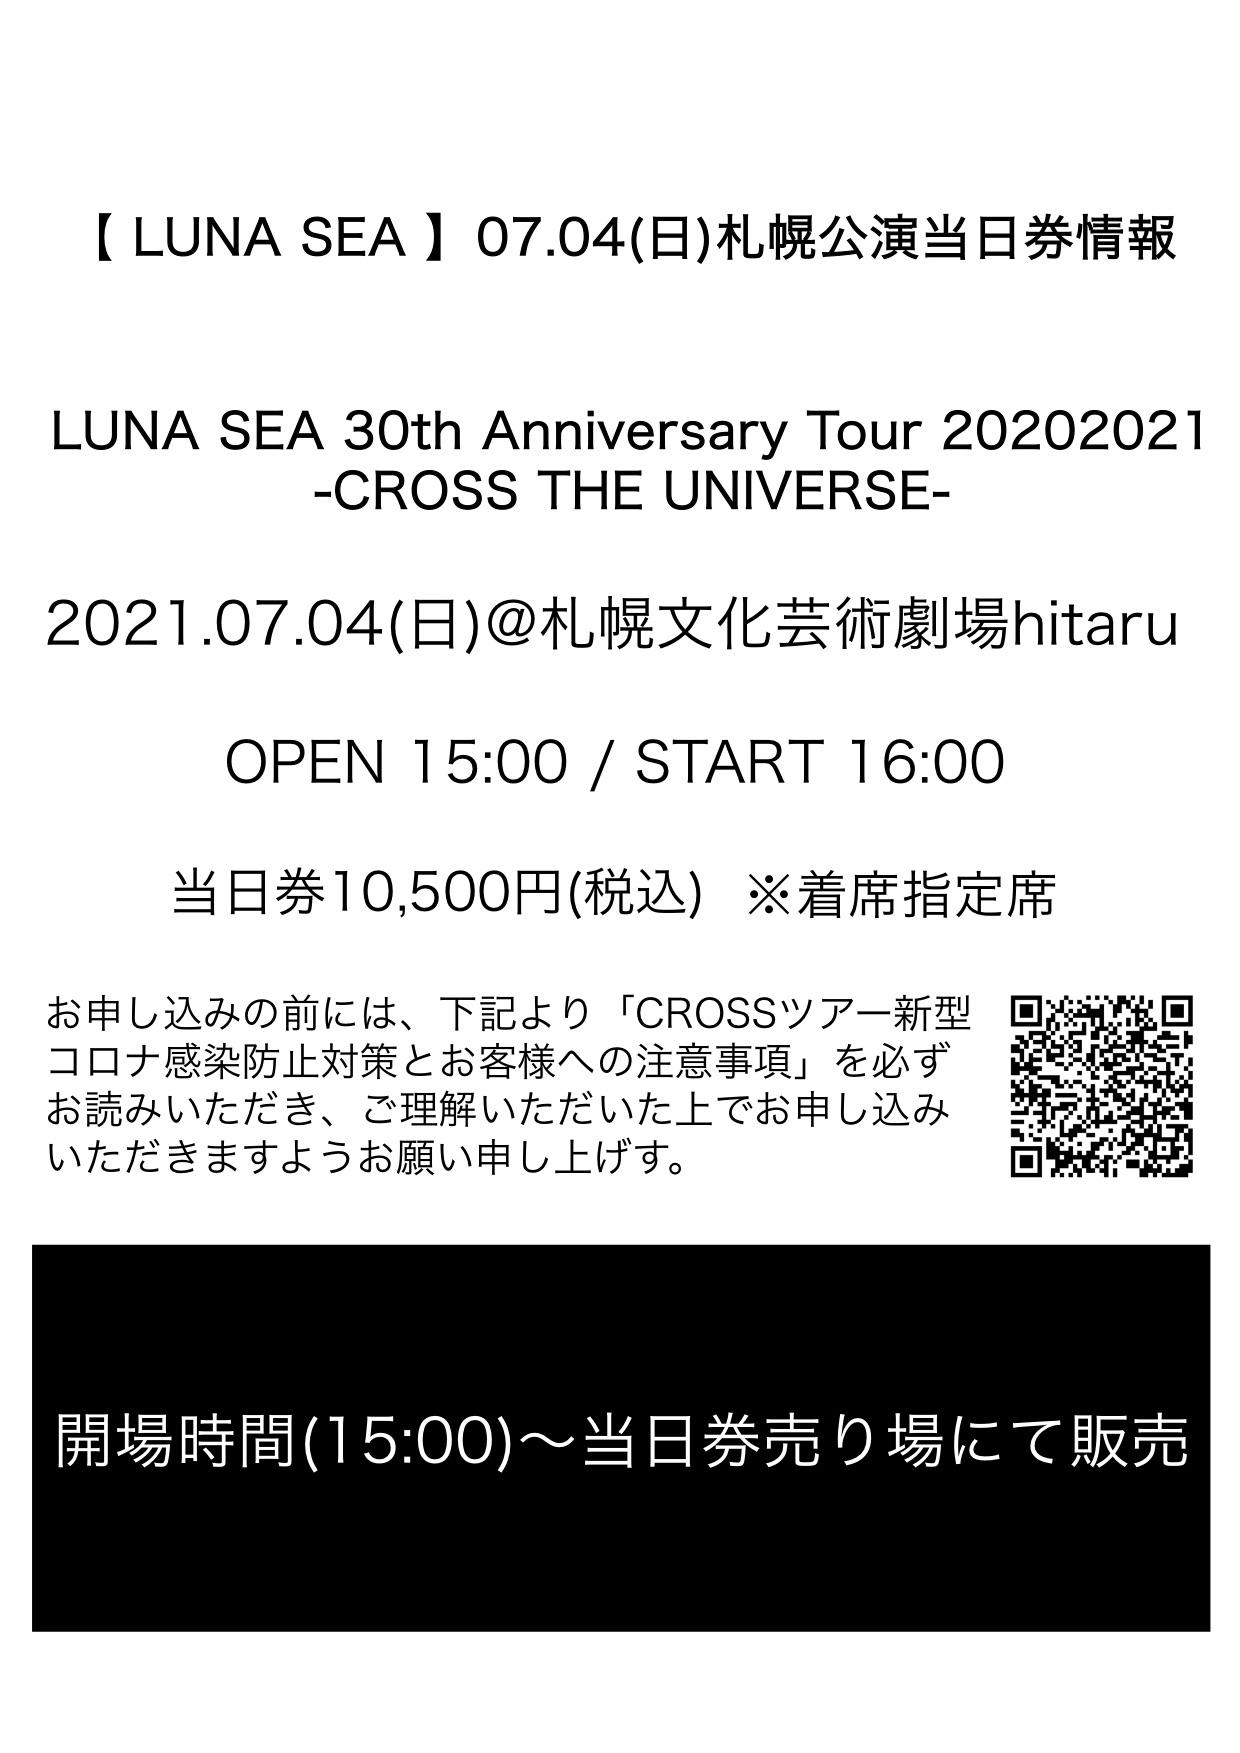 lunasea0704